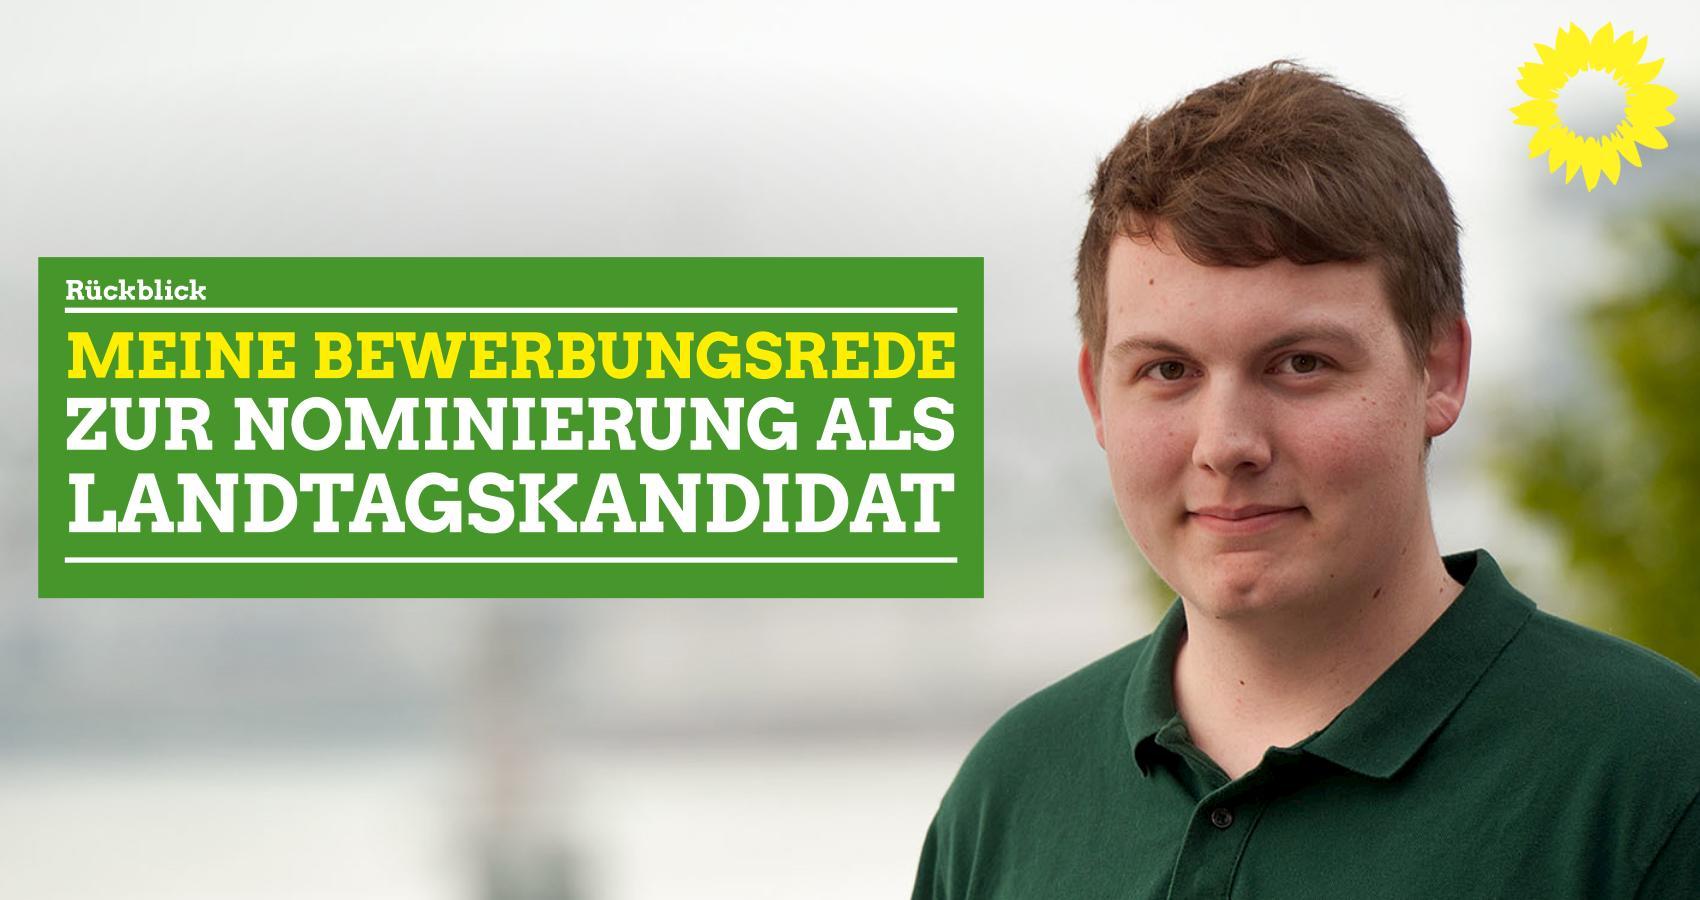 Rückblick: Meine Bewerbungsrede zur Nominierung als Landtagskandidat